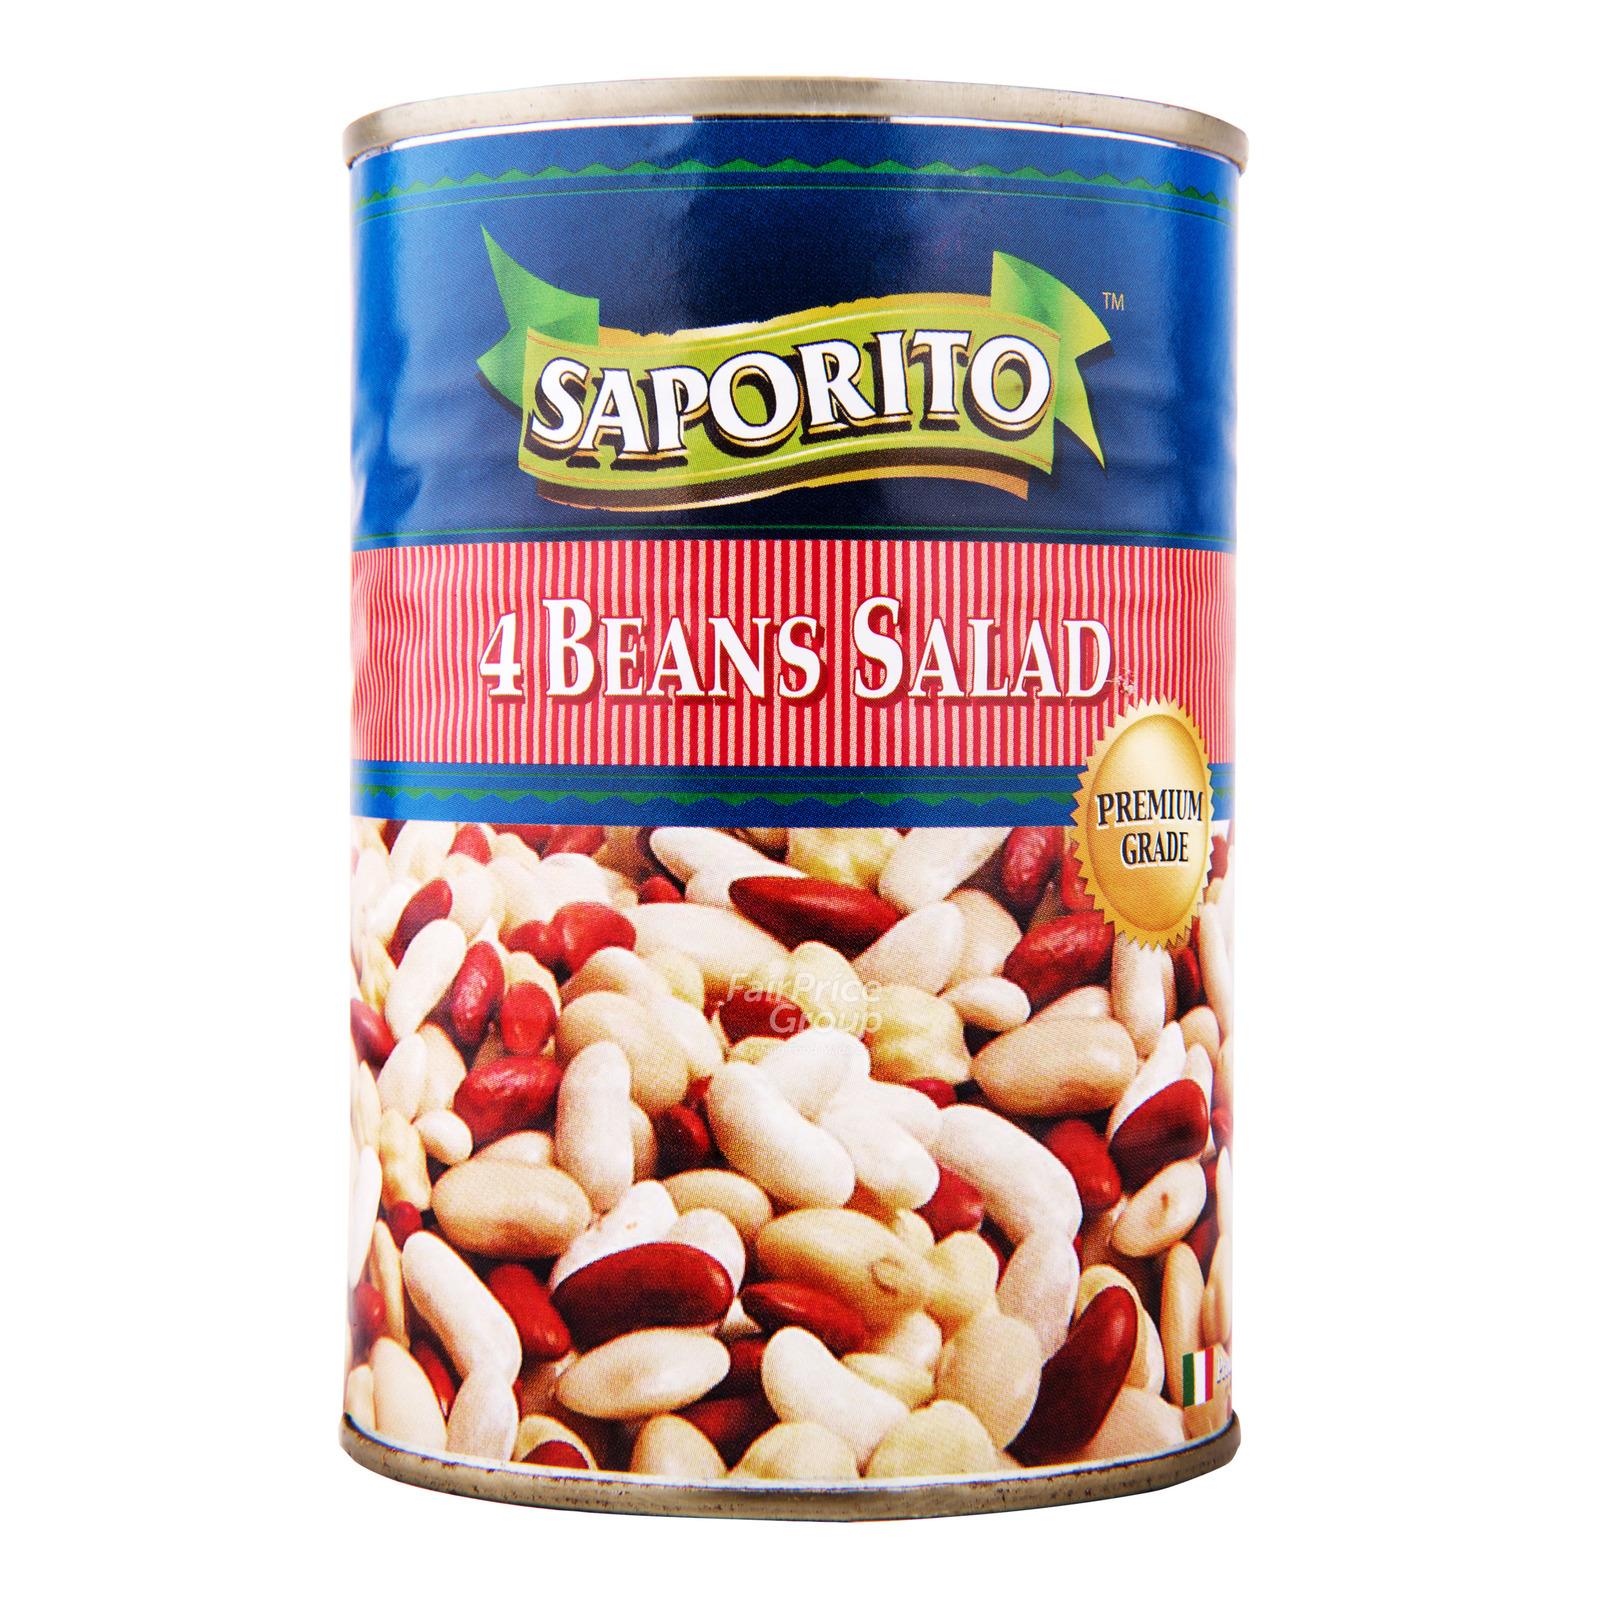 Saporito Can Food - 4 Beans Salad